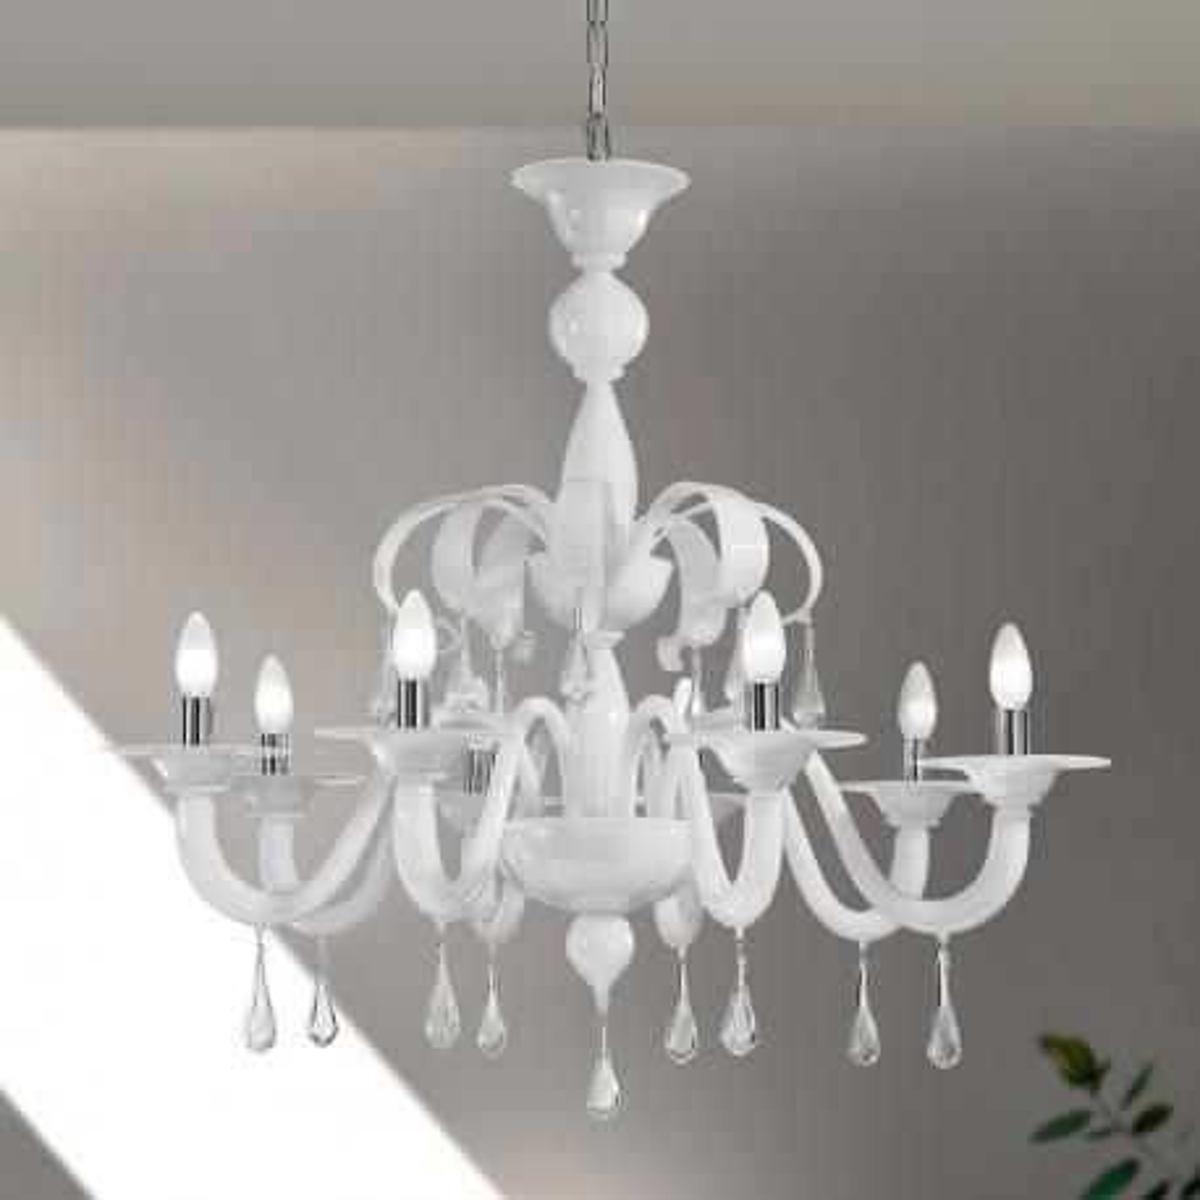 Olivia lustre en cristal de murano 8 lumières blanc et transparent